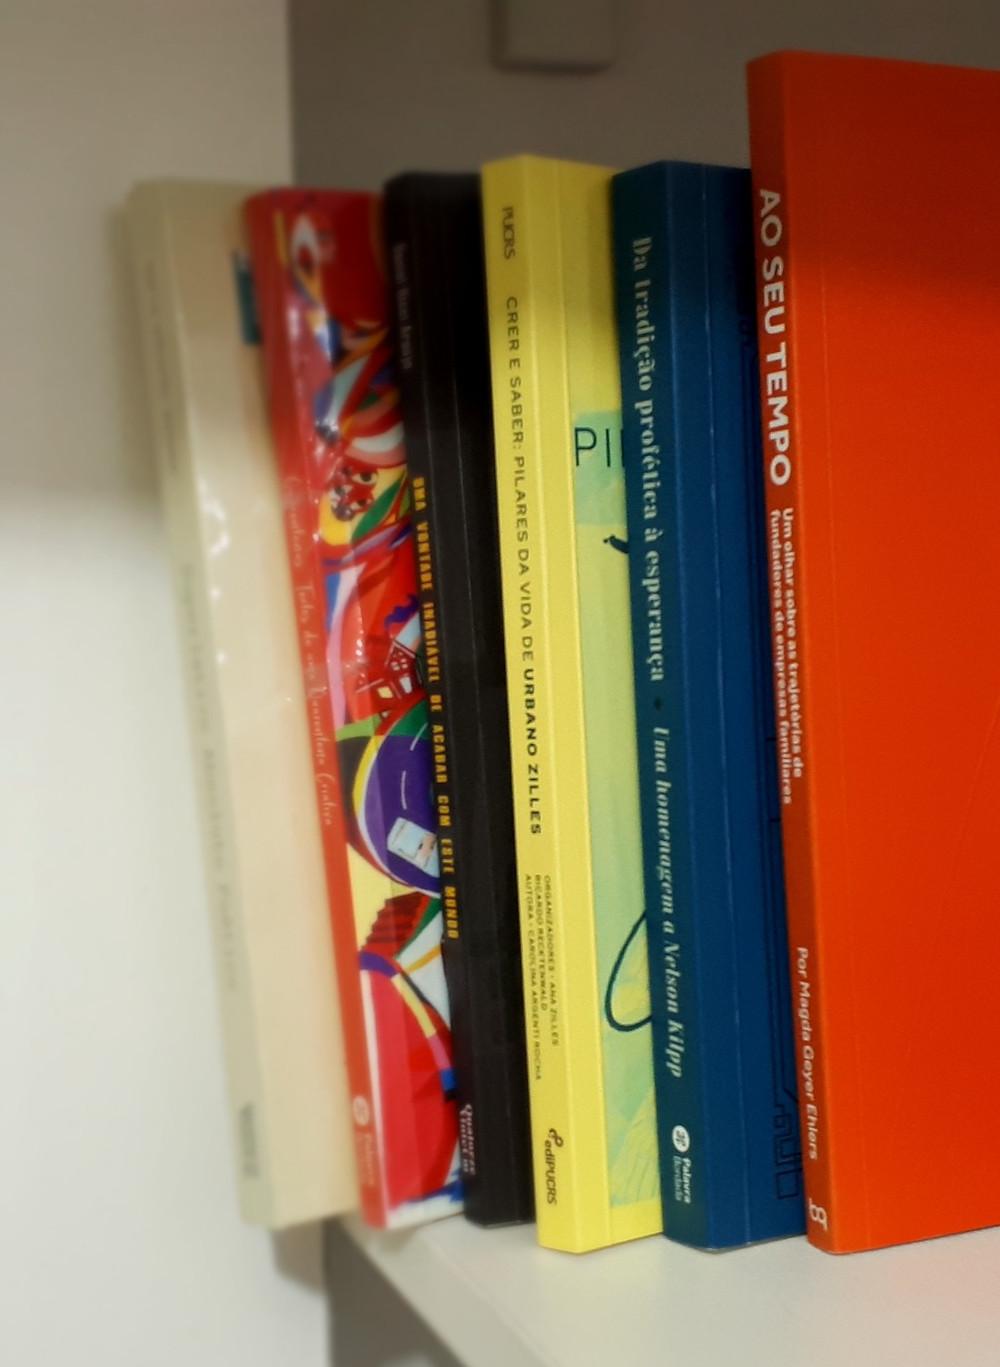 Seis livros dispostos em uma prateleira, em pé, no qual aparece somente a lombada e parte da capa de cada um. São de cores variadas, da esquerda para direita: bege, colorido com fundo vermelho, preto, amarelo, azul e laranja.